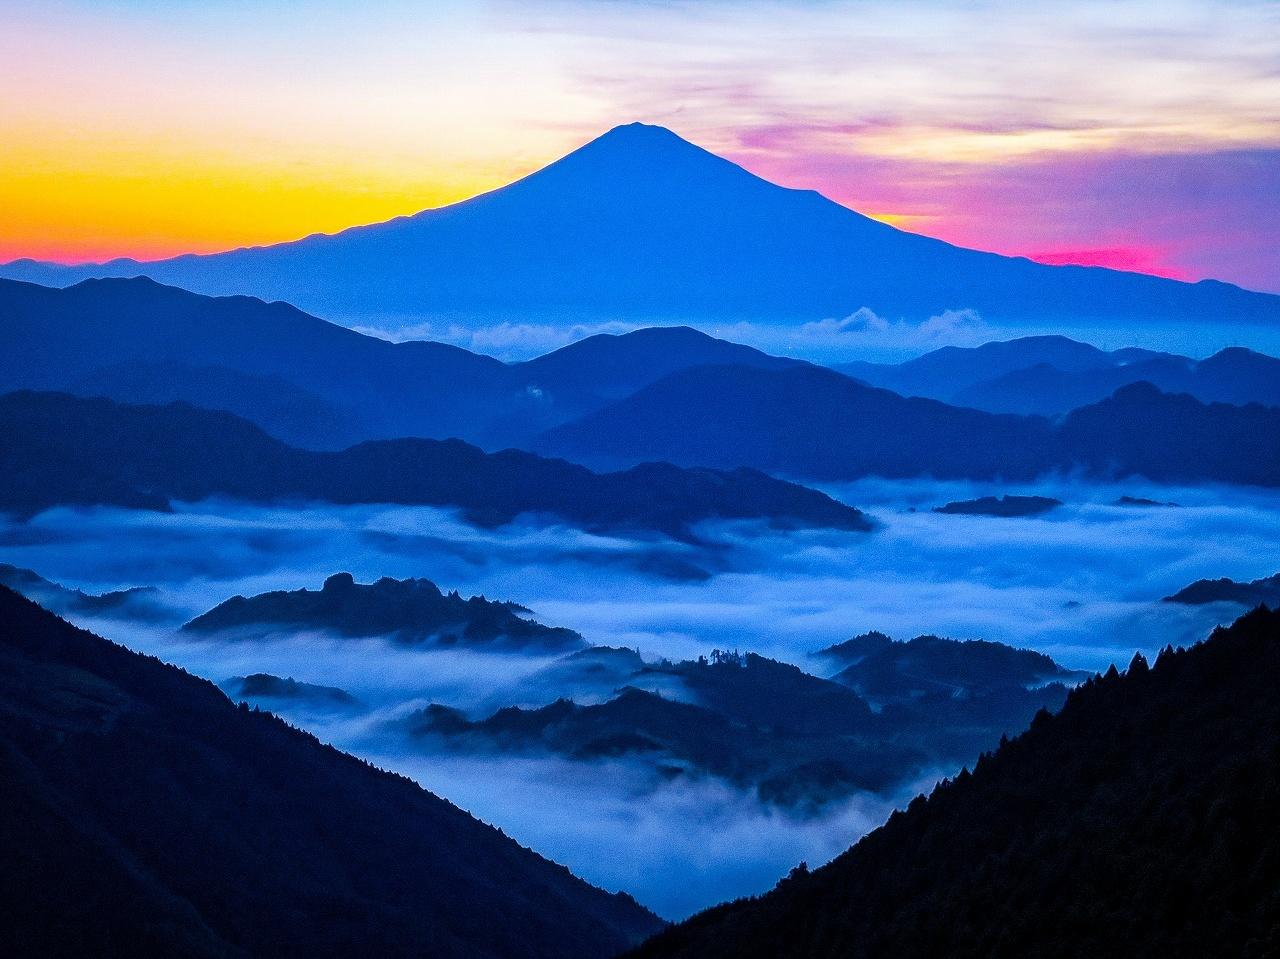 2018.6.25早朝の富士山と雲海(吉原)_e0321032_15331046.jpg